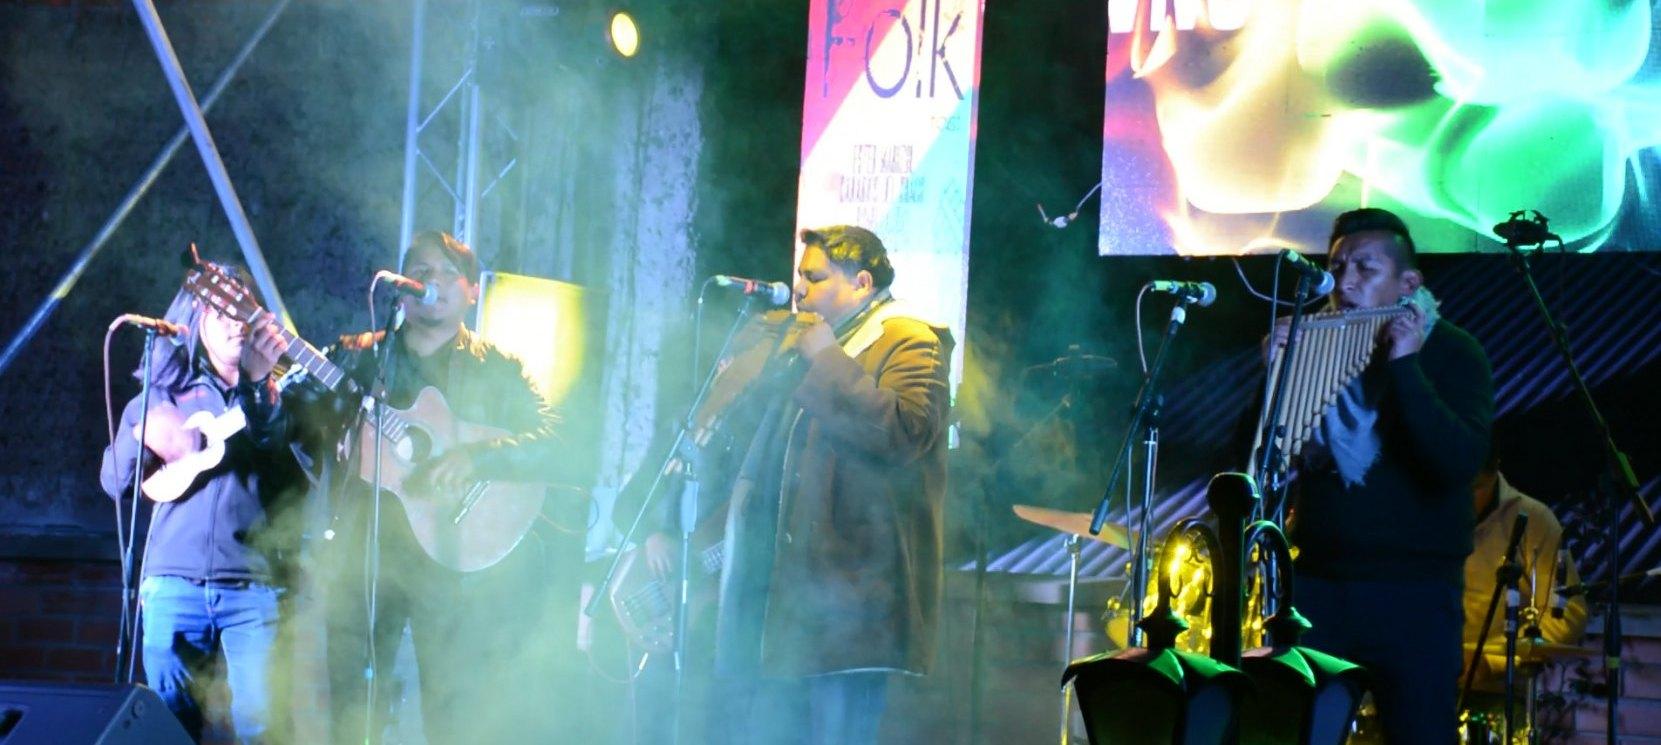 Folk y Reggae Fest son parte de la formación de los ingenieros de Sonido en la UNITEPC